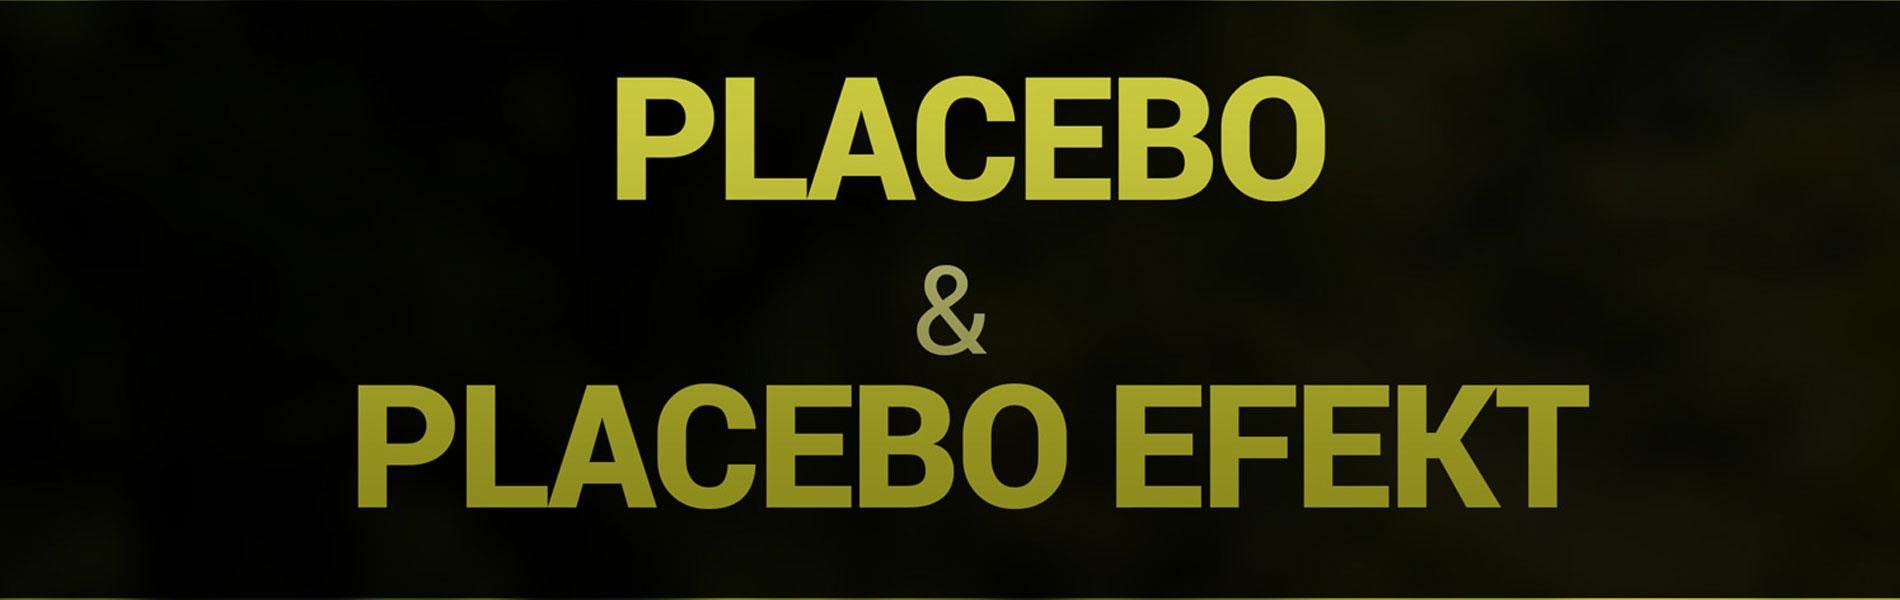 placebp